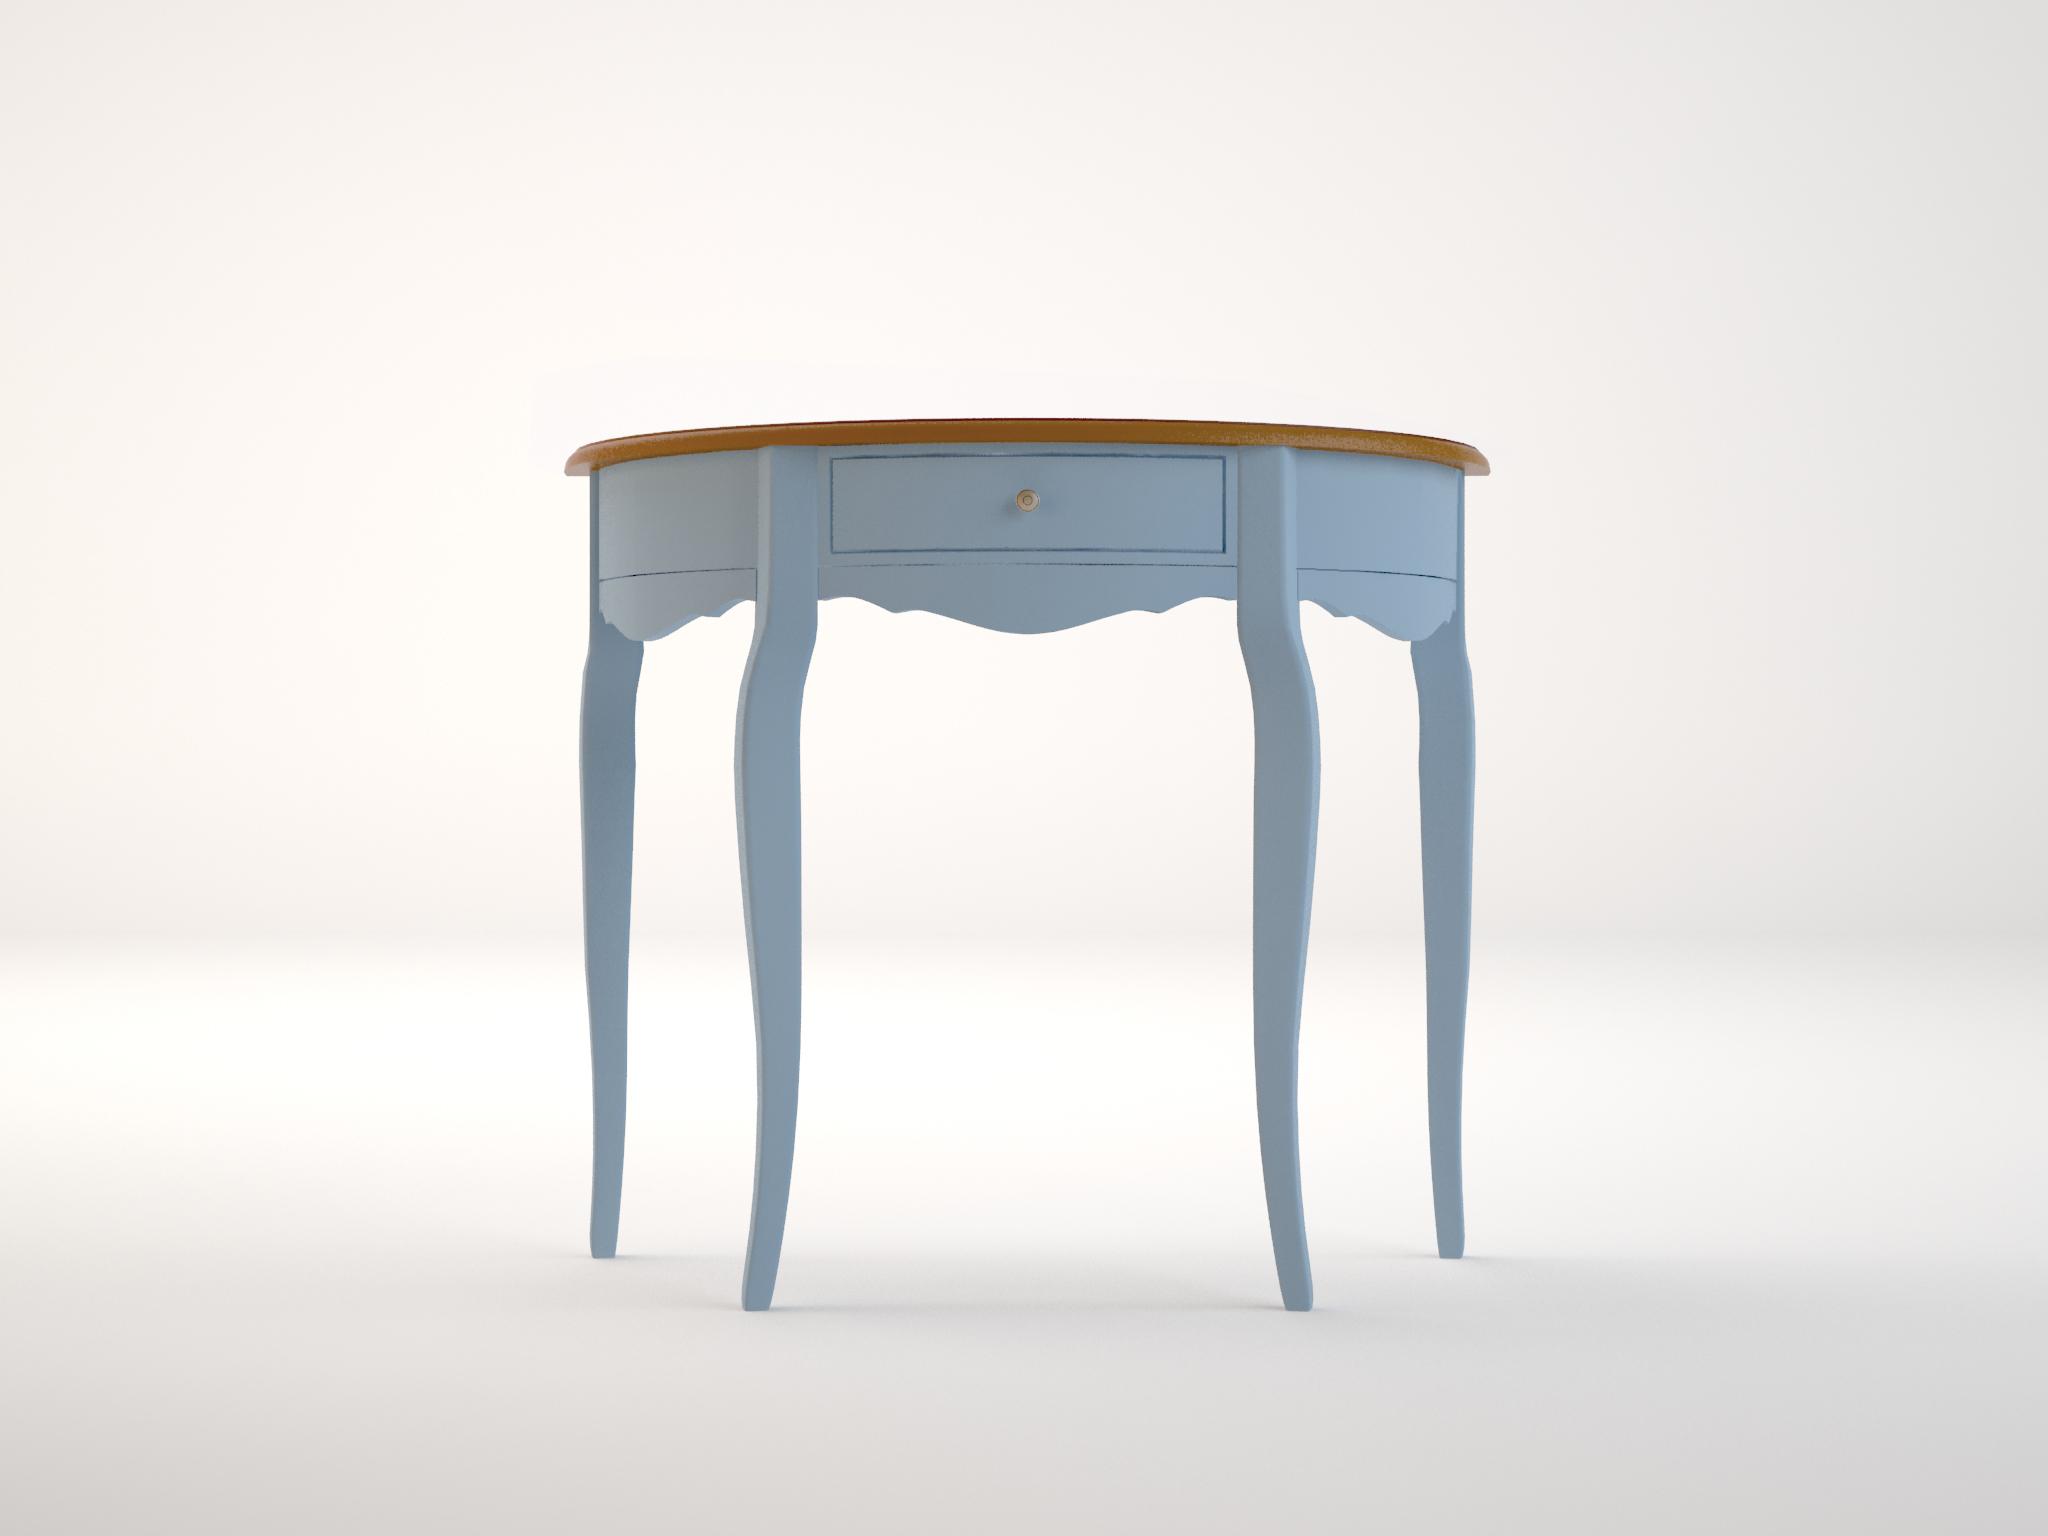 Туалетный столик LeontinaТуалетные столики<br><br><br>Material: Береза<br>Width см: 90<br>Depth см: 35<br>Height см: 78